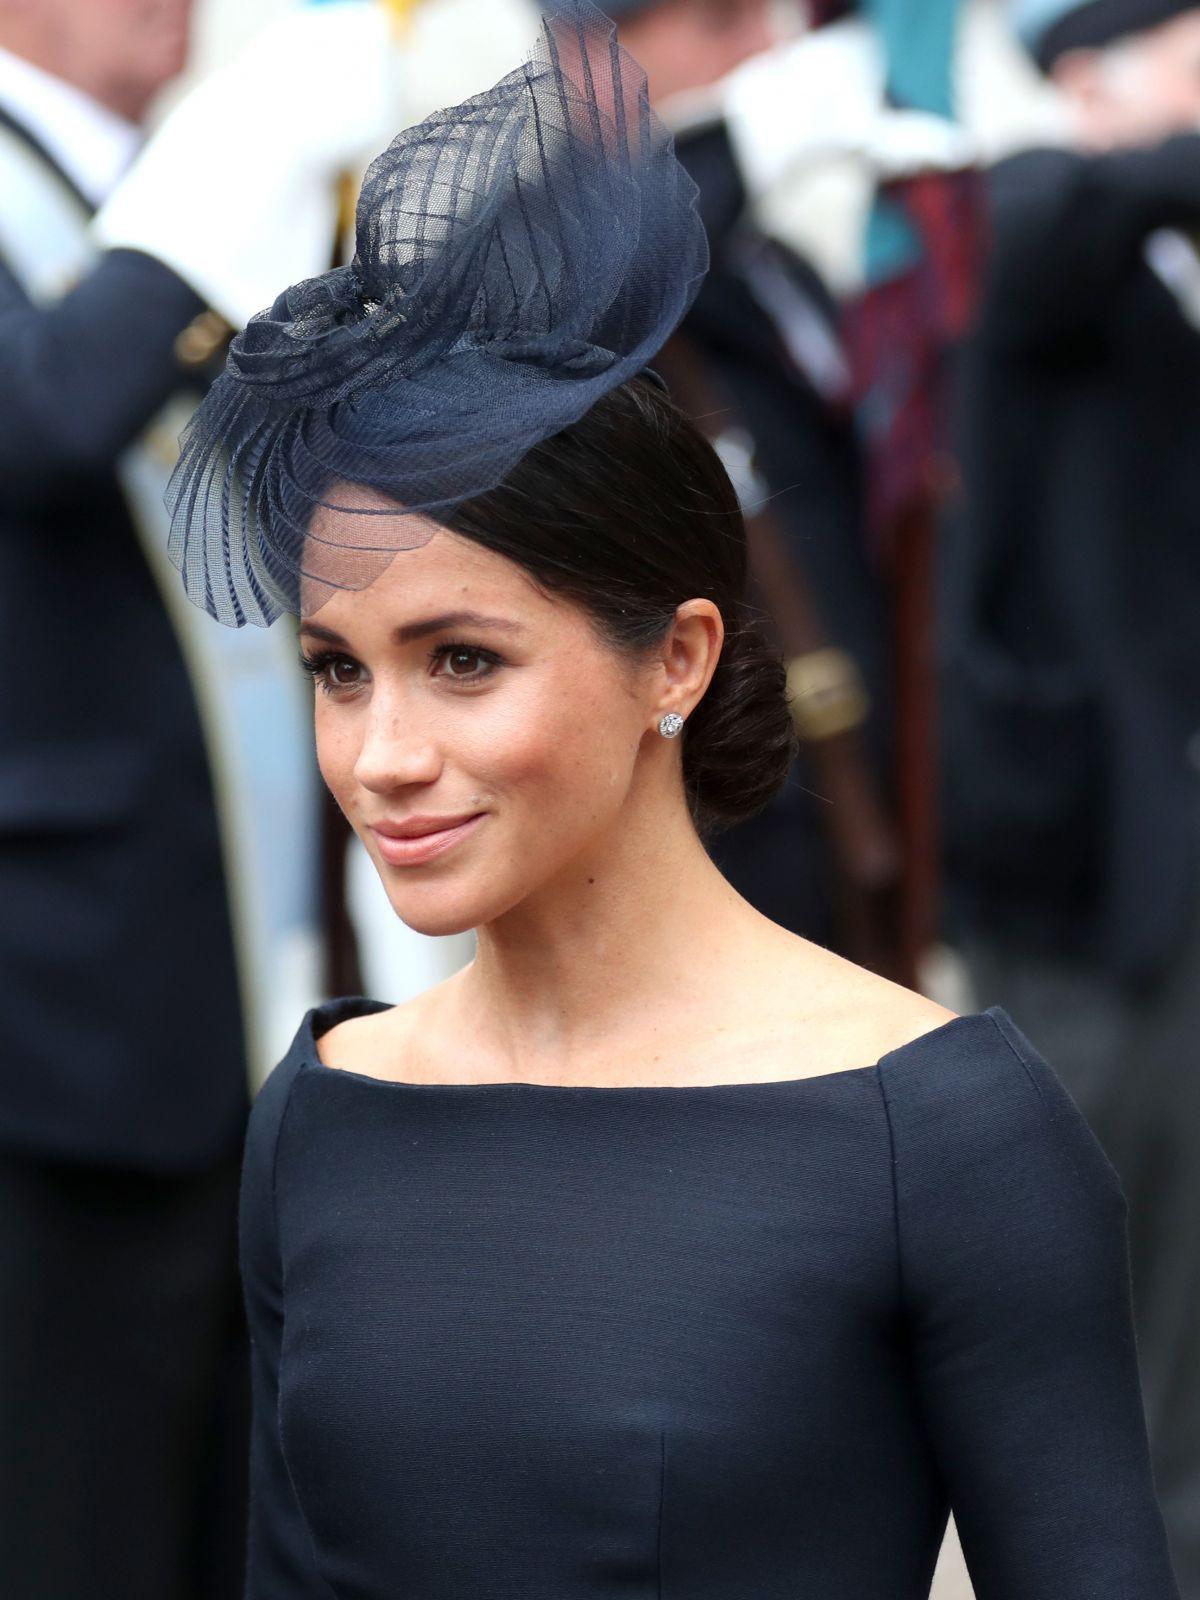 Ít ai biết rằng sau đám cưới, Hoàng tử Harry đã liên tục nói điều này với chuyên gia trang điểm của Meghan Markle - Ảnh 4.